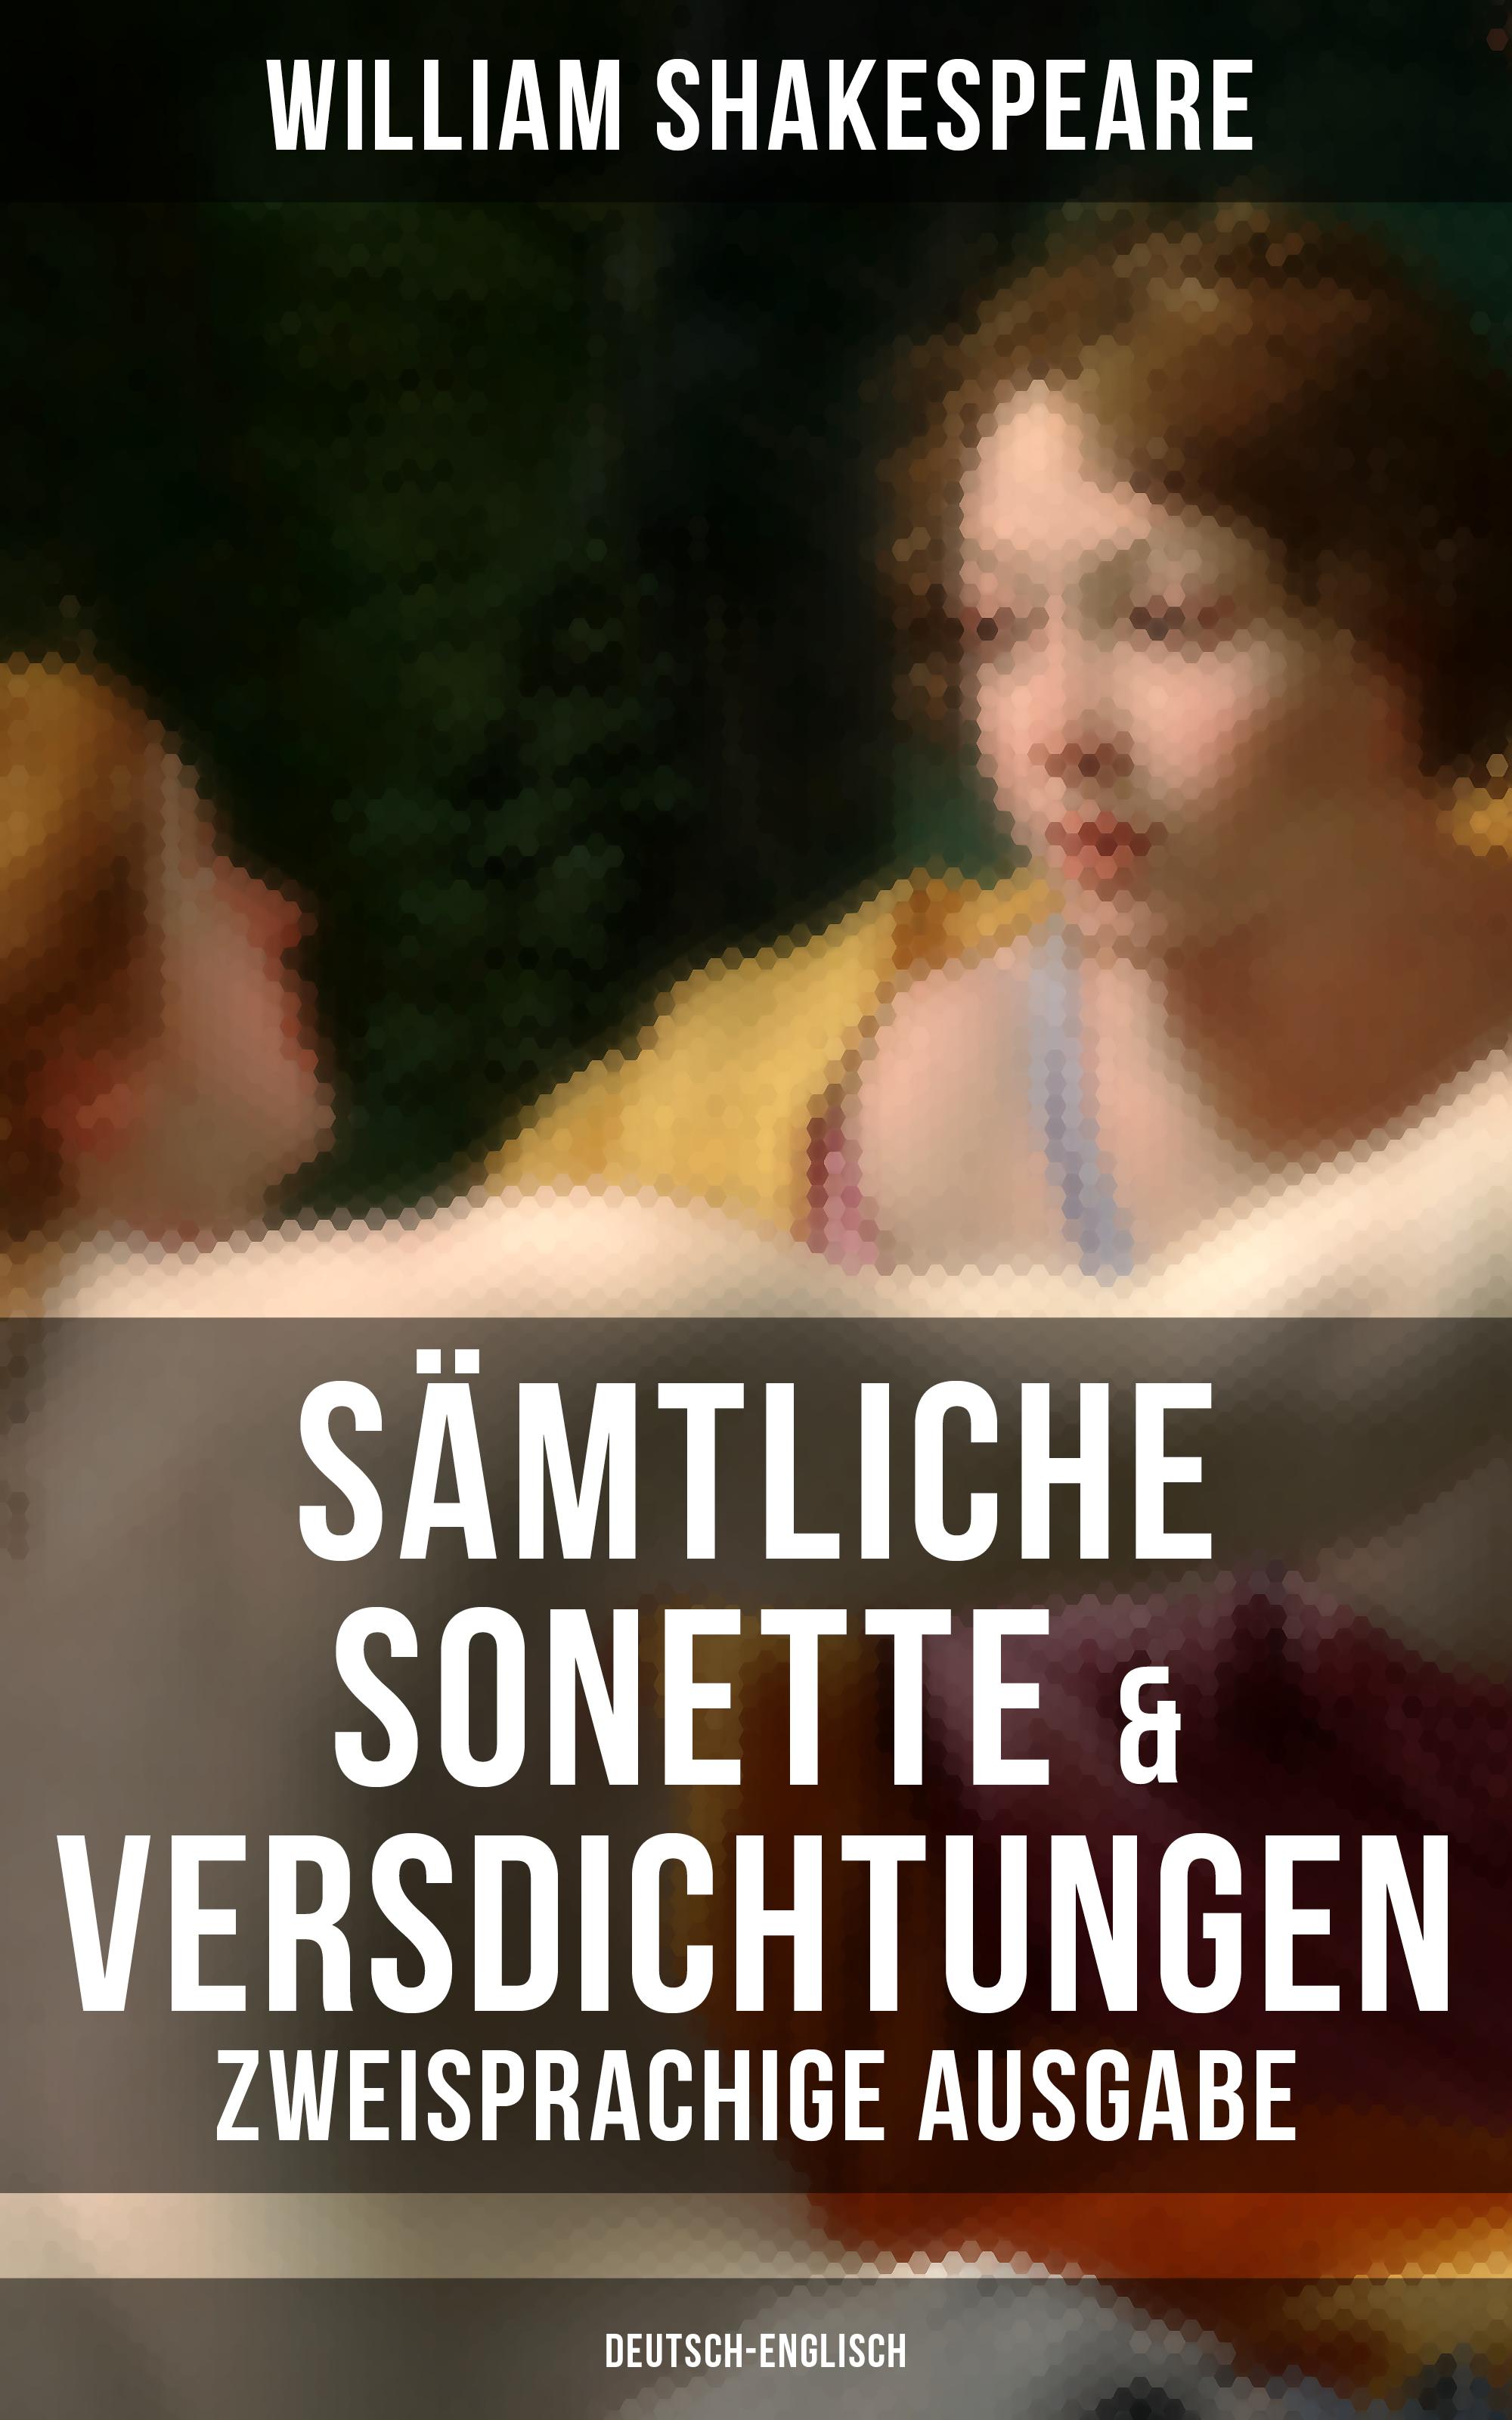 samtliche sonette versdichtungen zweisprachige ausgabe deutsch englisch